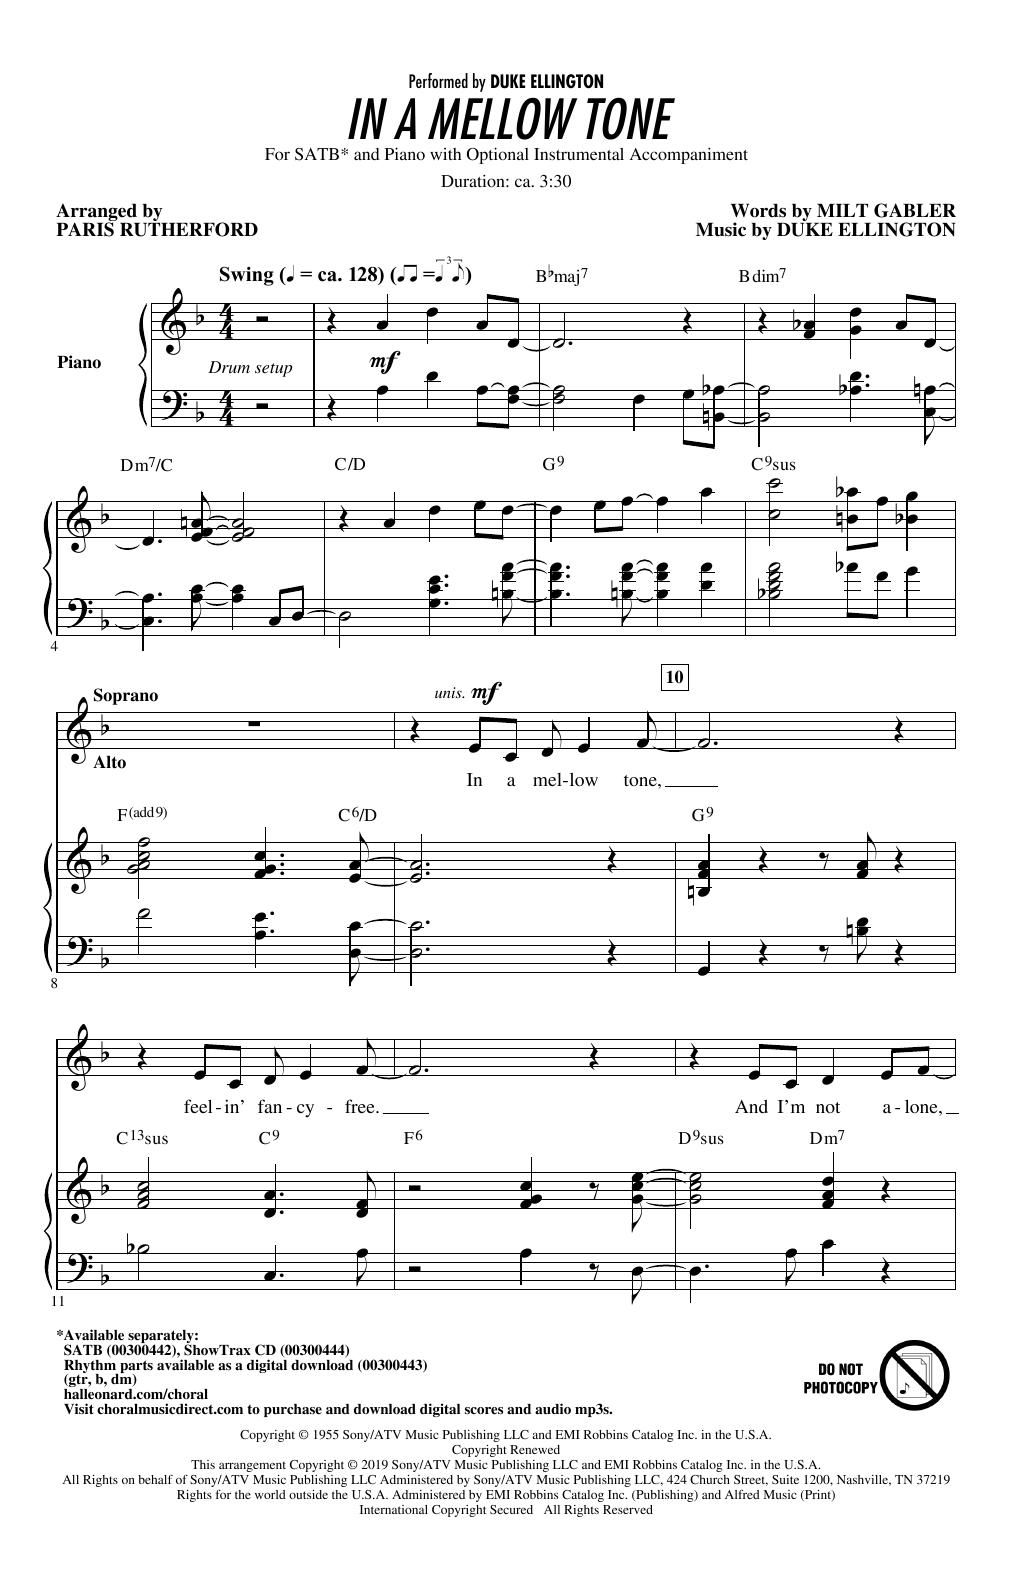 In A Mellow Tone (arr. Paris Rutherford) (SATB Choir)